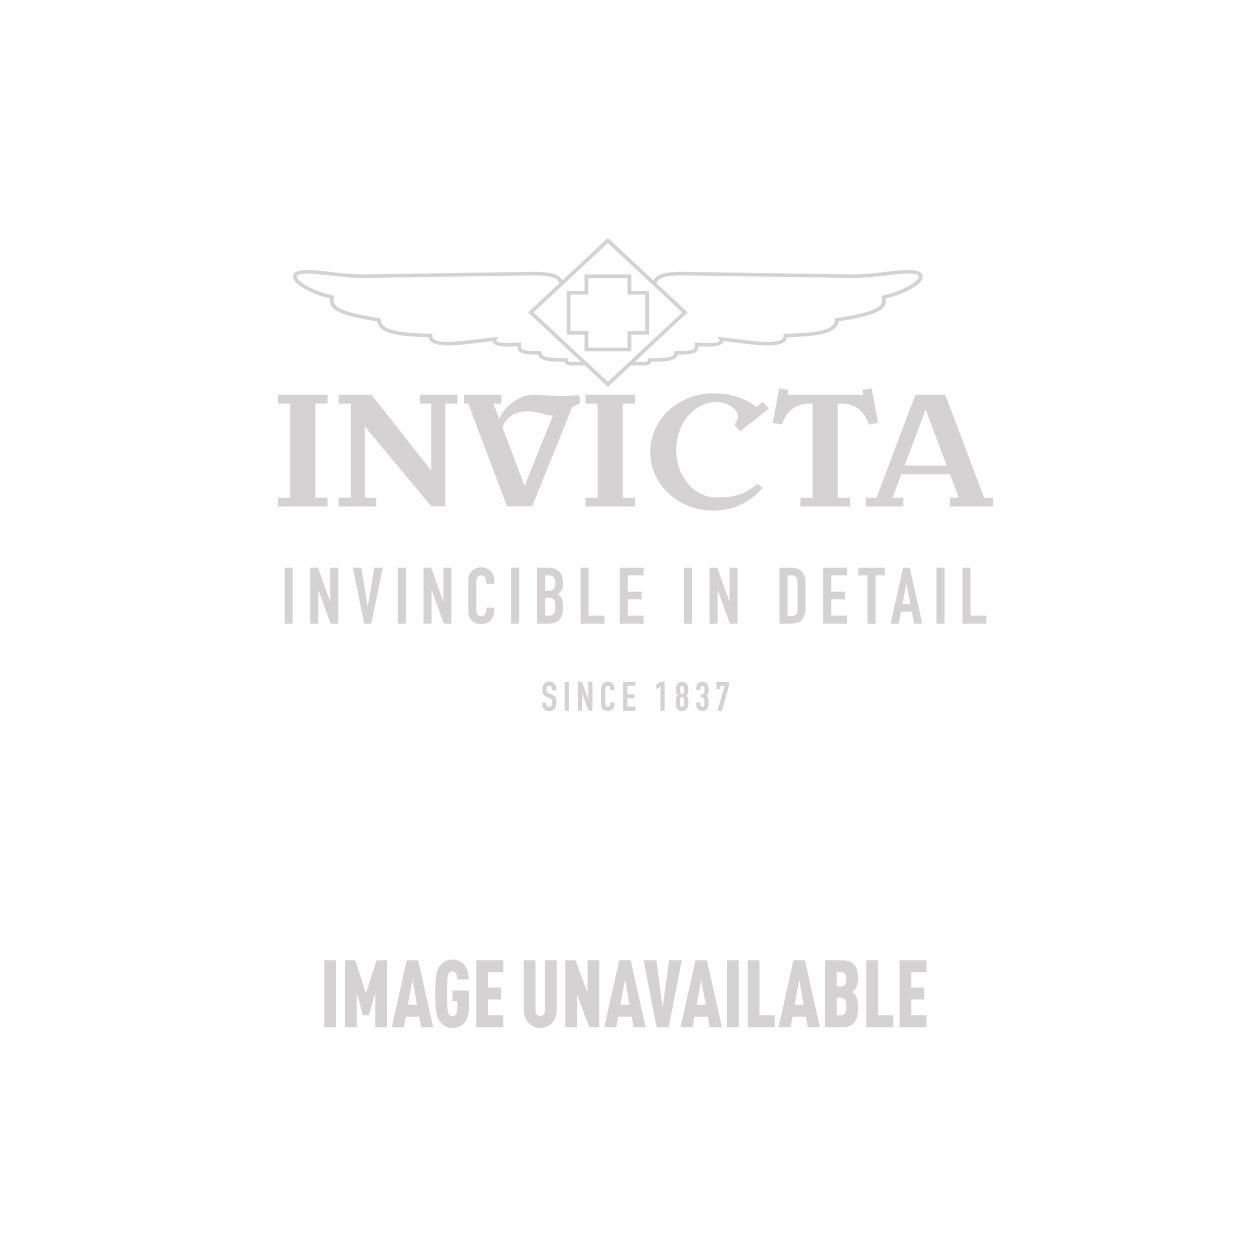 Invicta TI-22 Automatic Watch - Titanium case with Titanium tone Titanium band - Model 20515